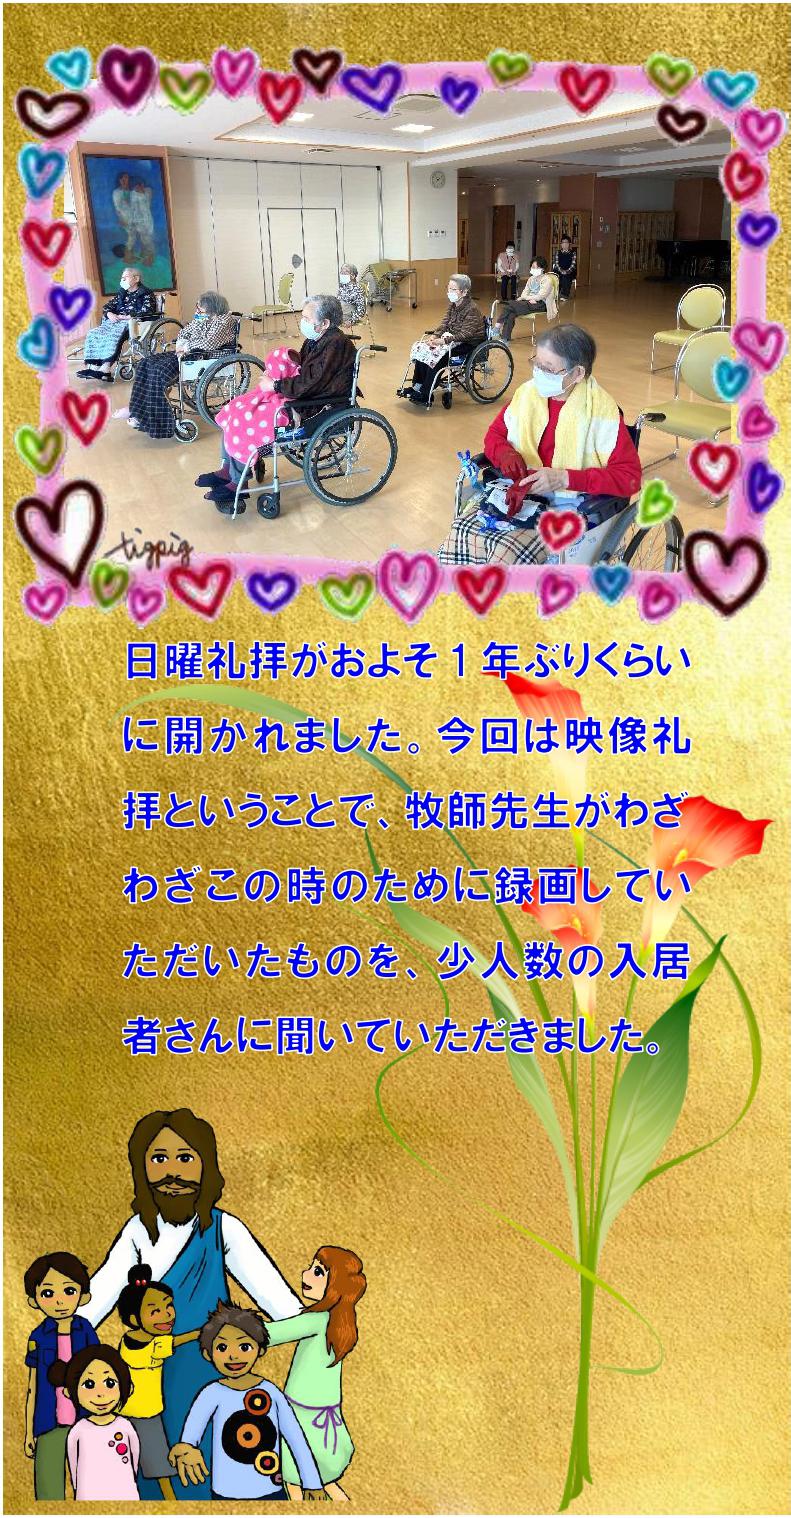 礼拝ブログdocx_page-0001